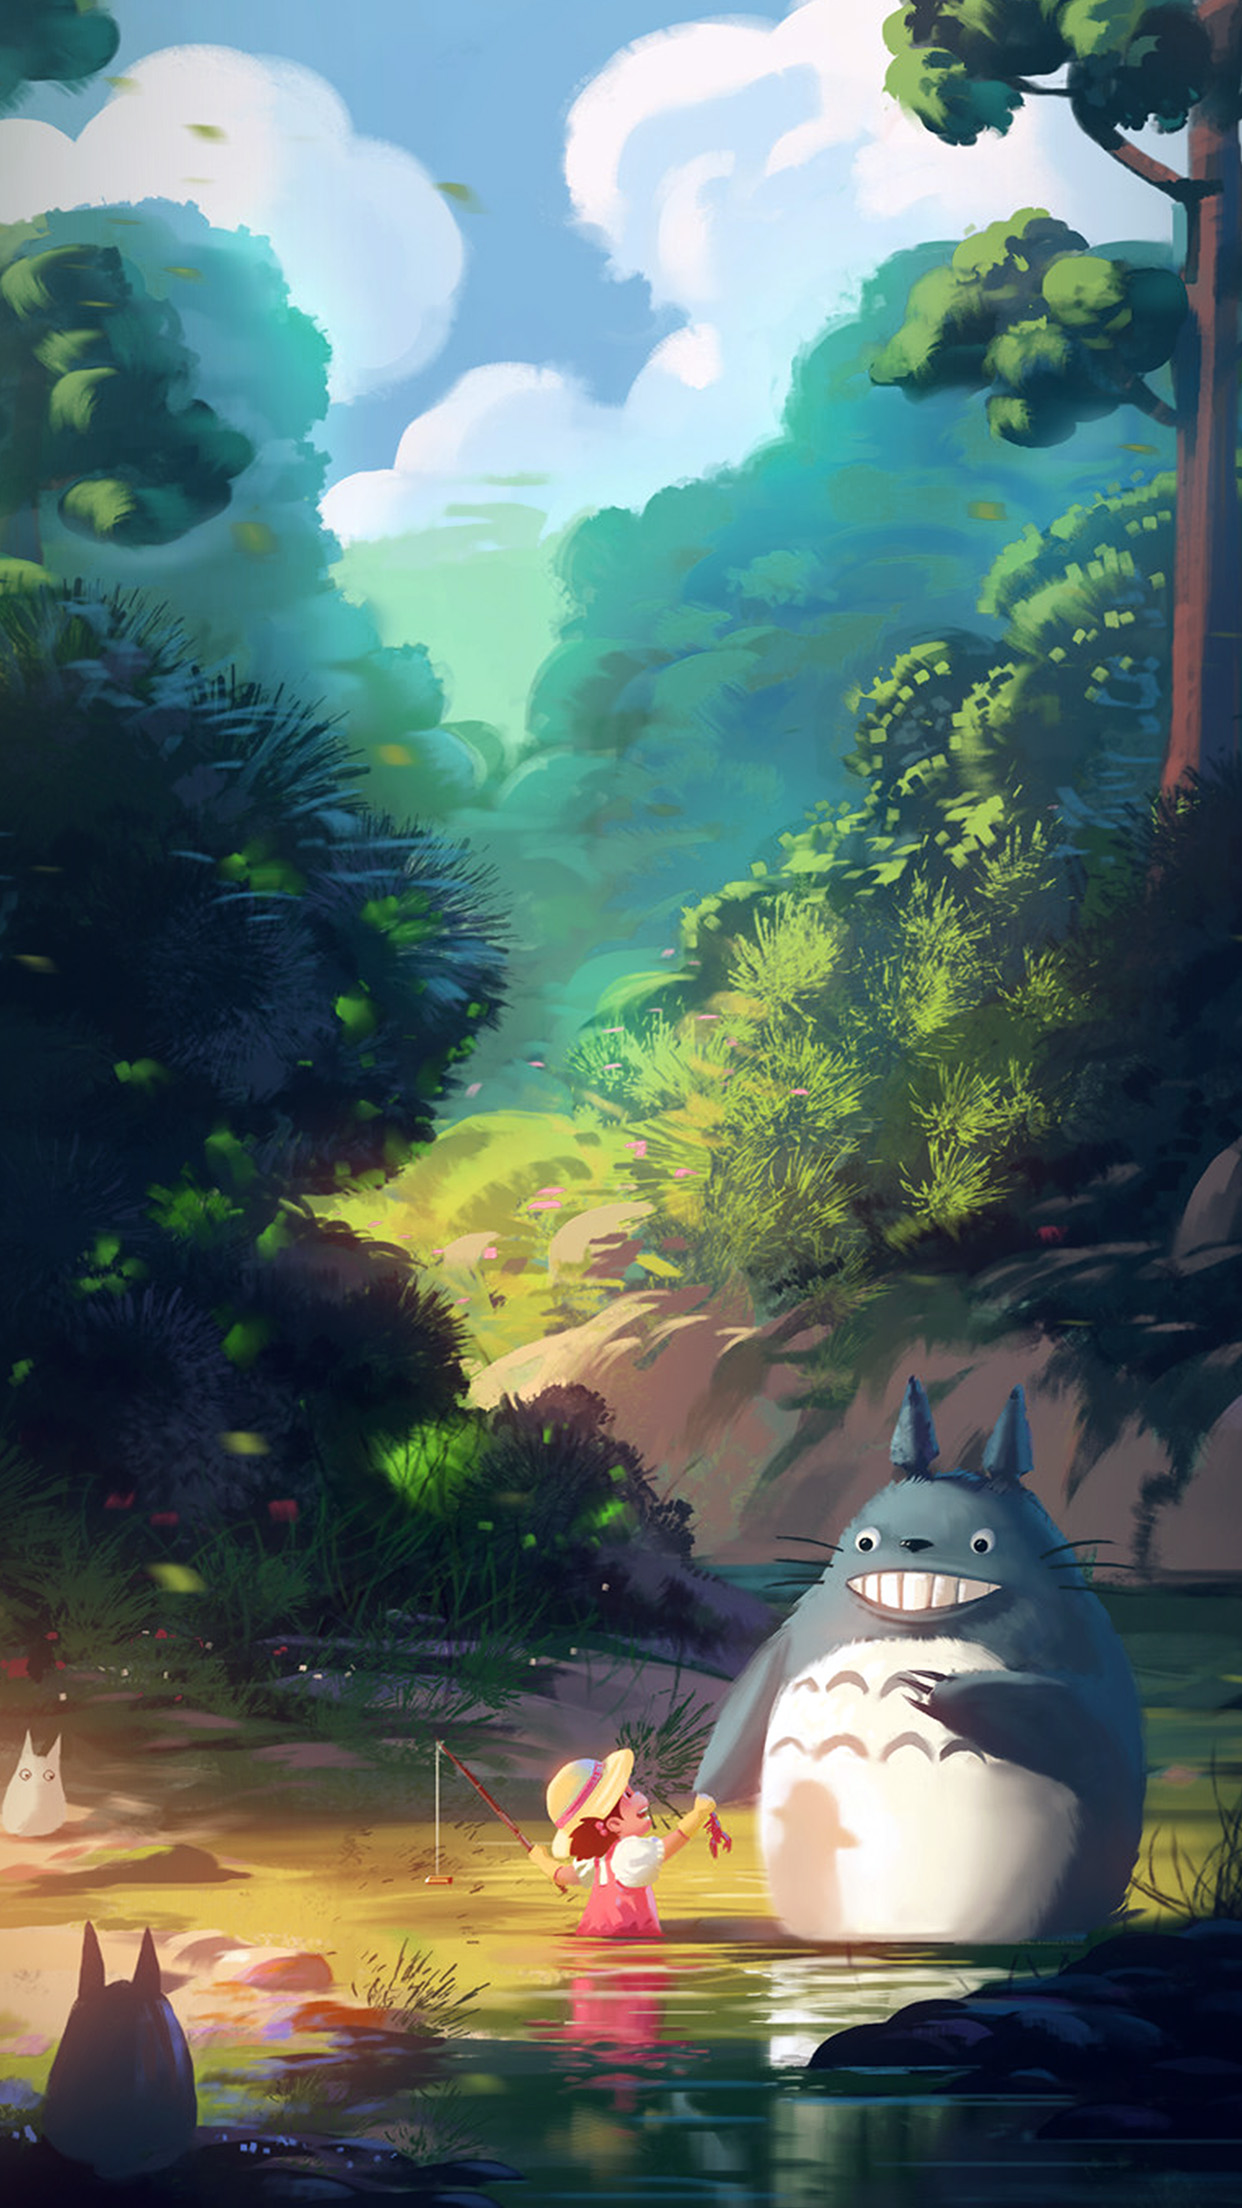 Cute Car Wallpaper Av34 Totoro Anime Liang Xing Illustration Art Blue Wallpaper